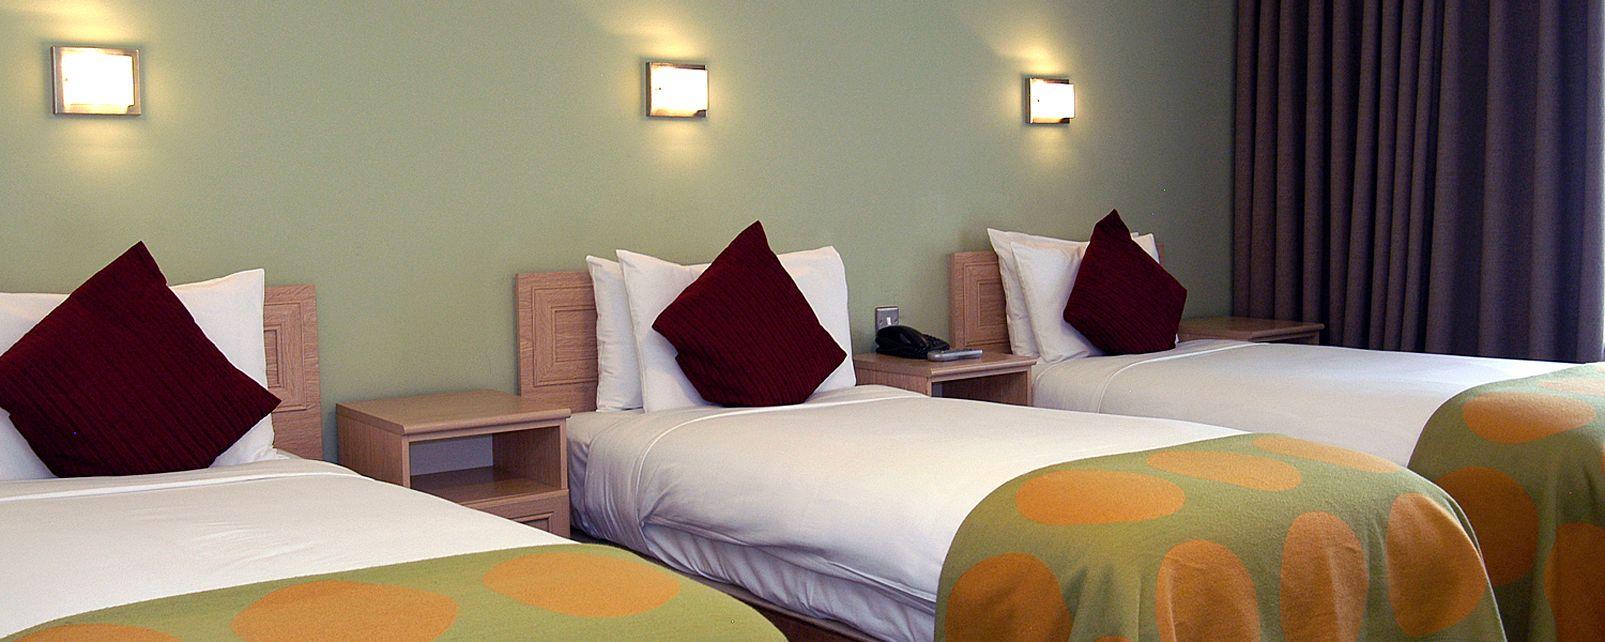 Hotel Mount Herbert Hotel